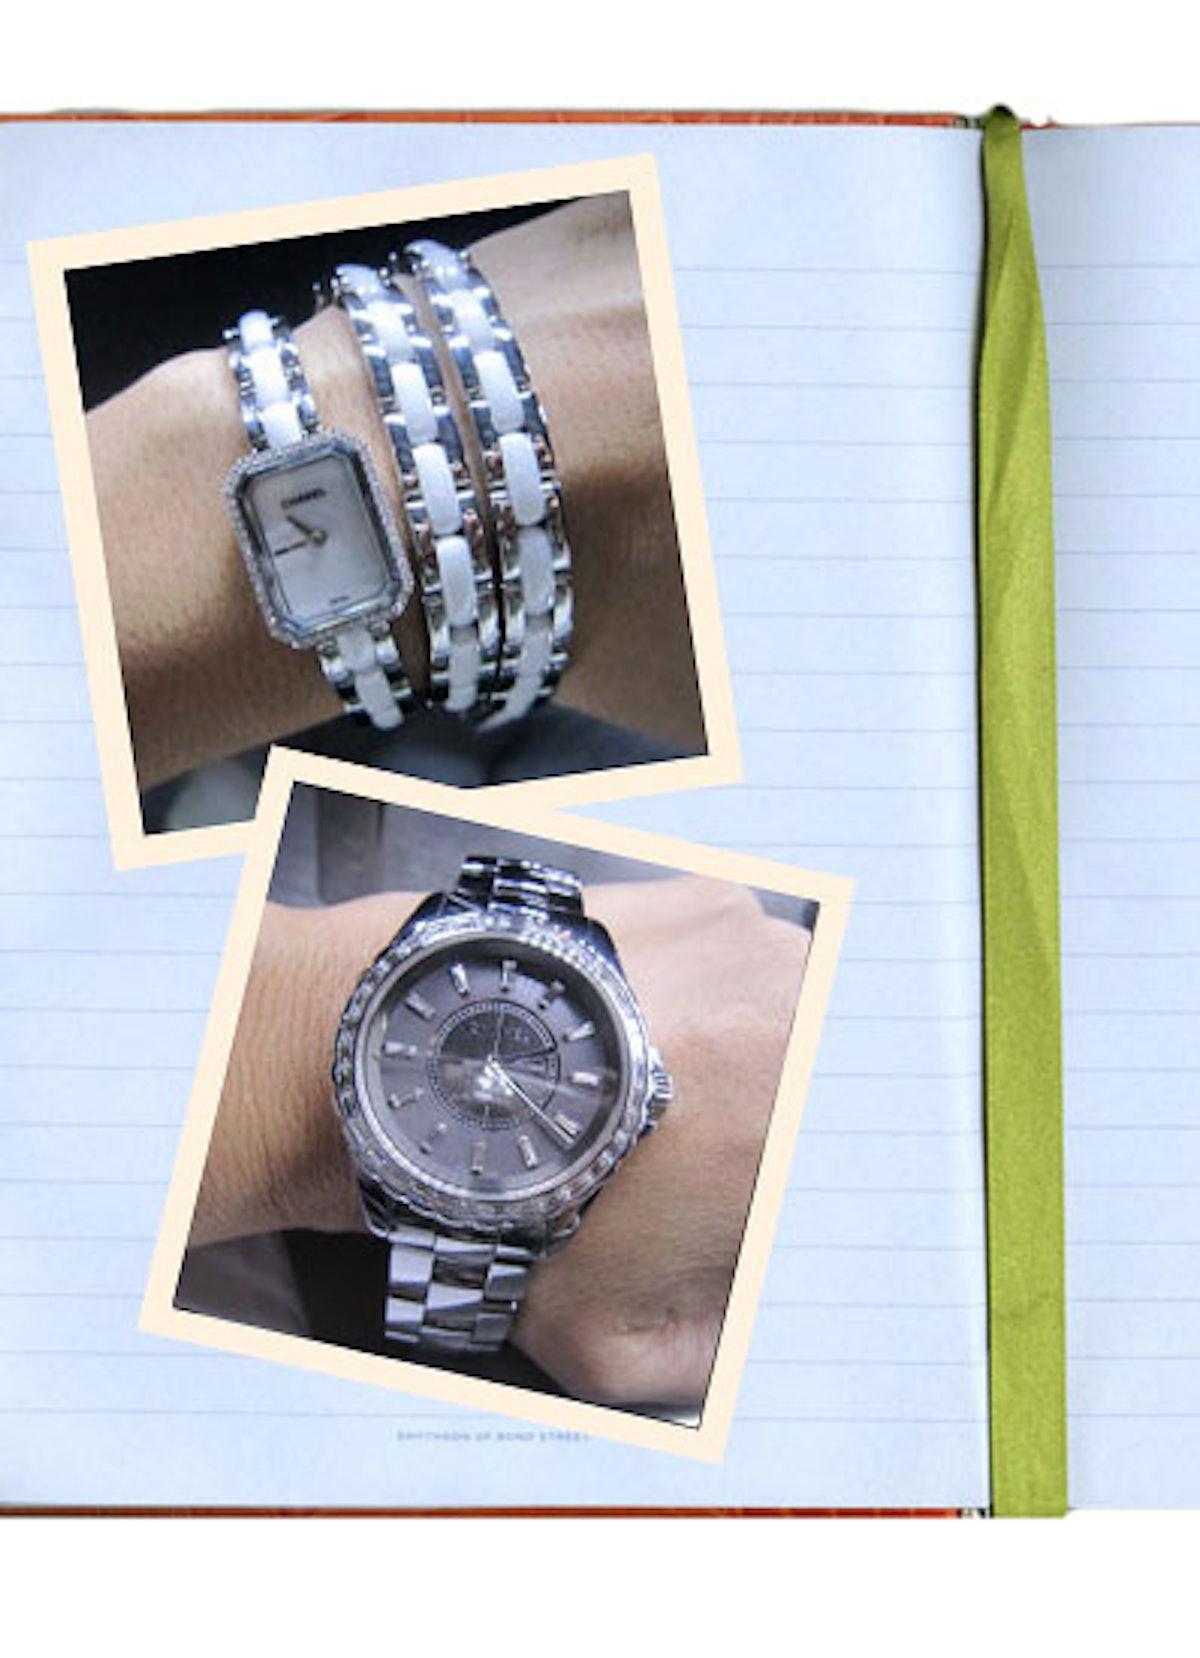 acss-basel-watch-fair-02-v.jpg